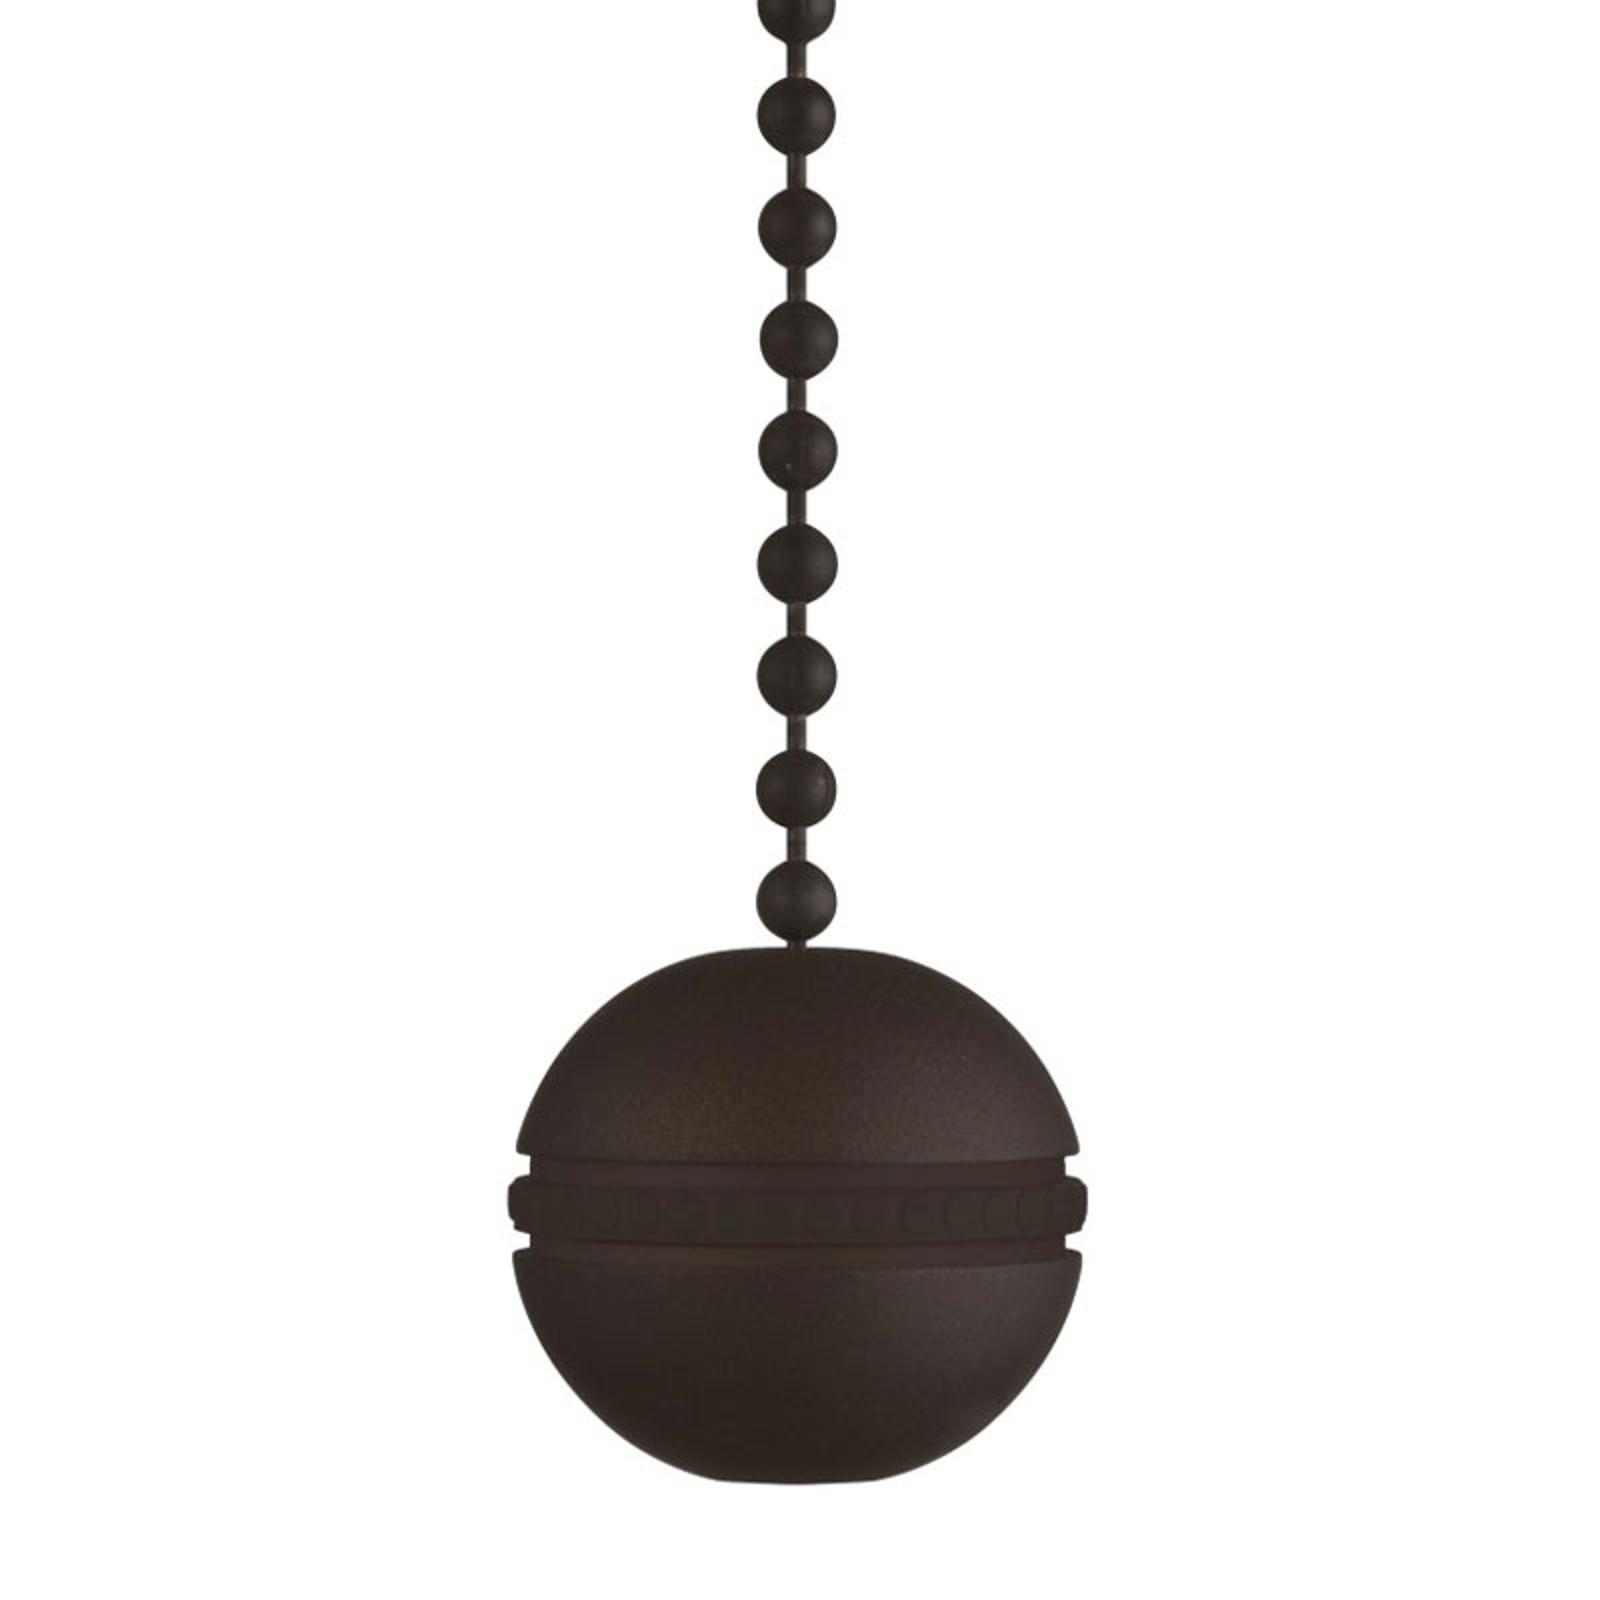 Westinghouse Kugel Zugkette f. Ventilator bronze günstig online kaufen